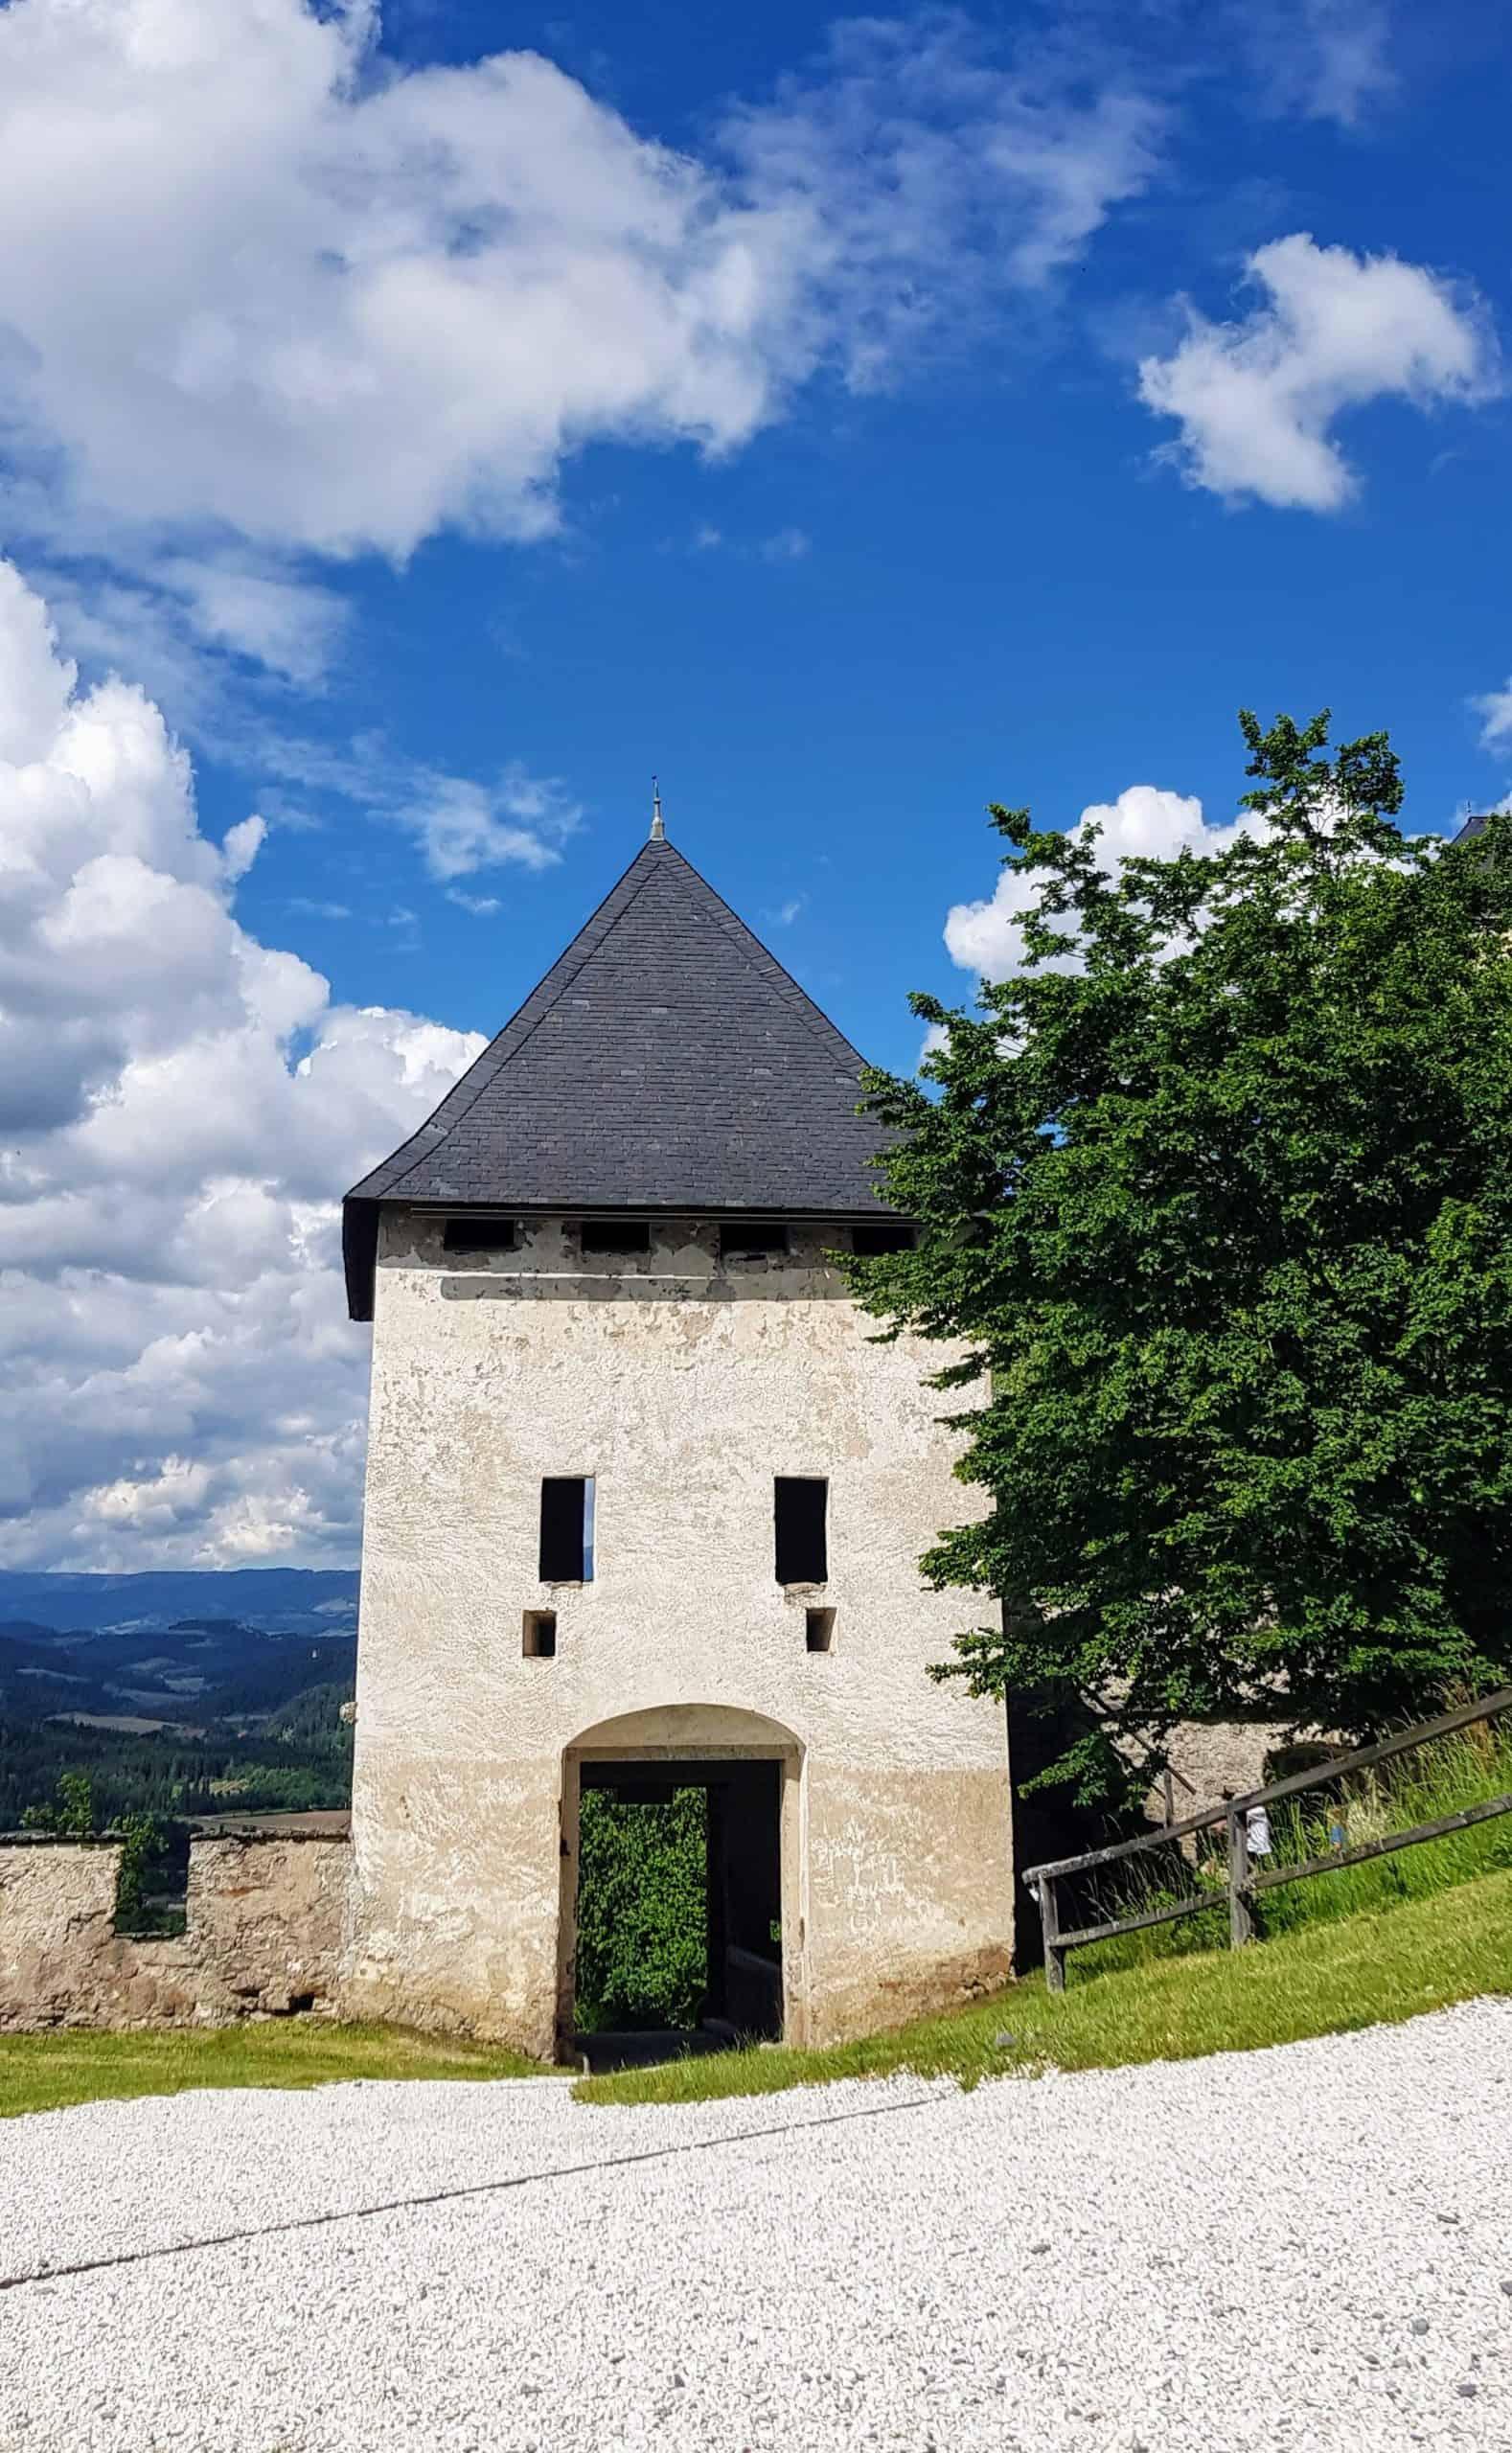 Rückseite Landschaftstor Burg Hochosterwitz. Familienausflugsziel in Kärnten, Nähe Klagenfurt